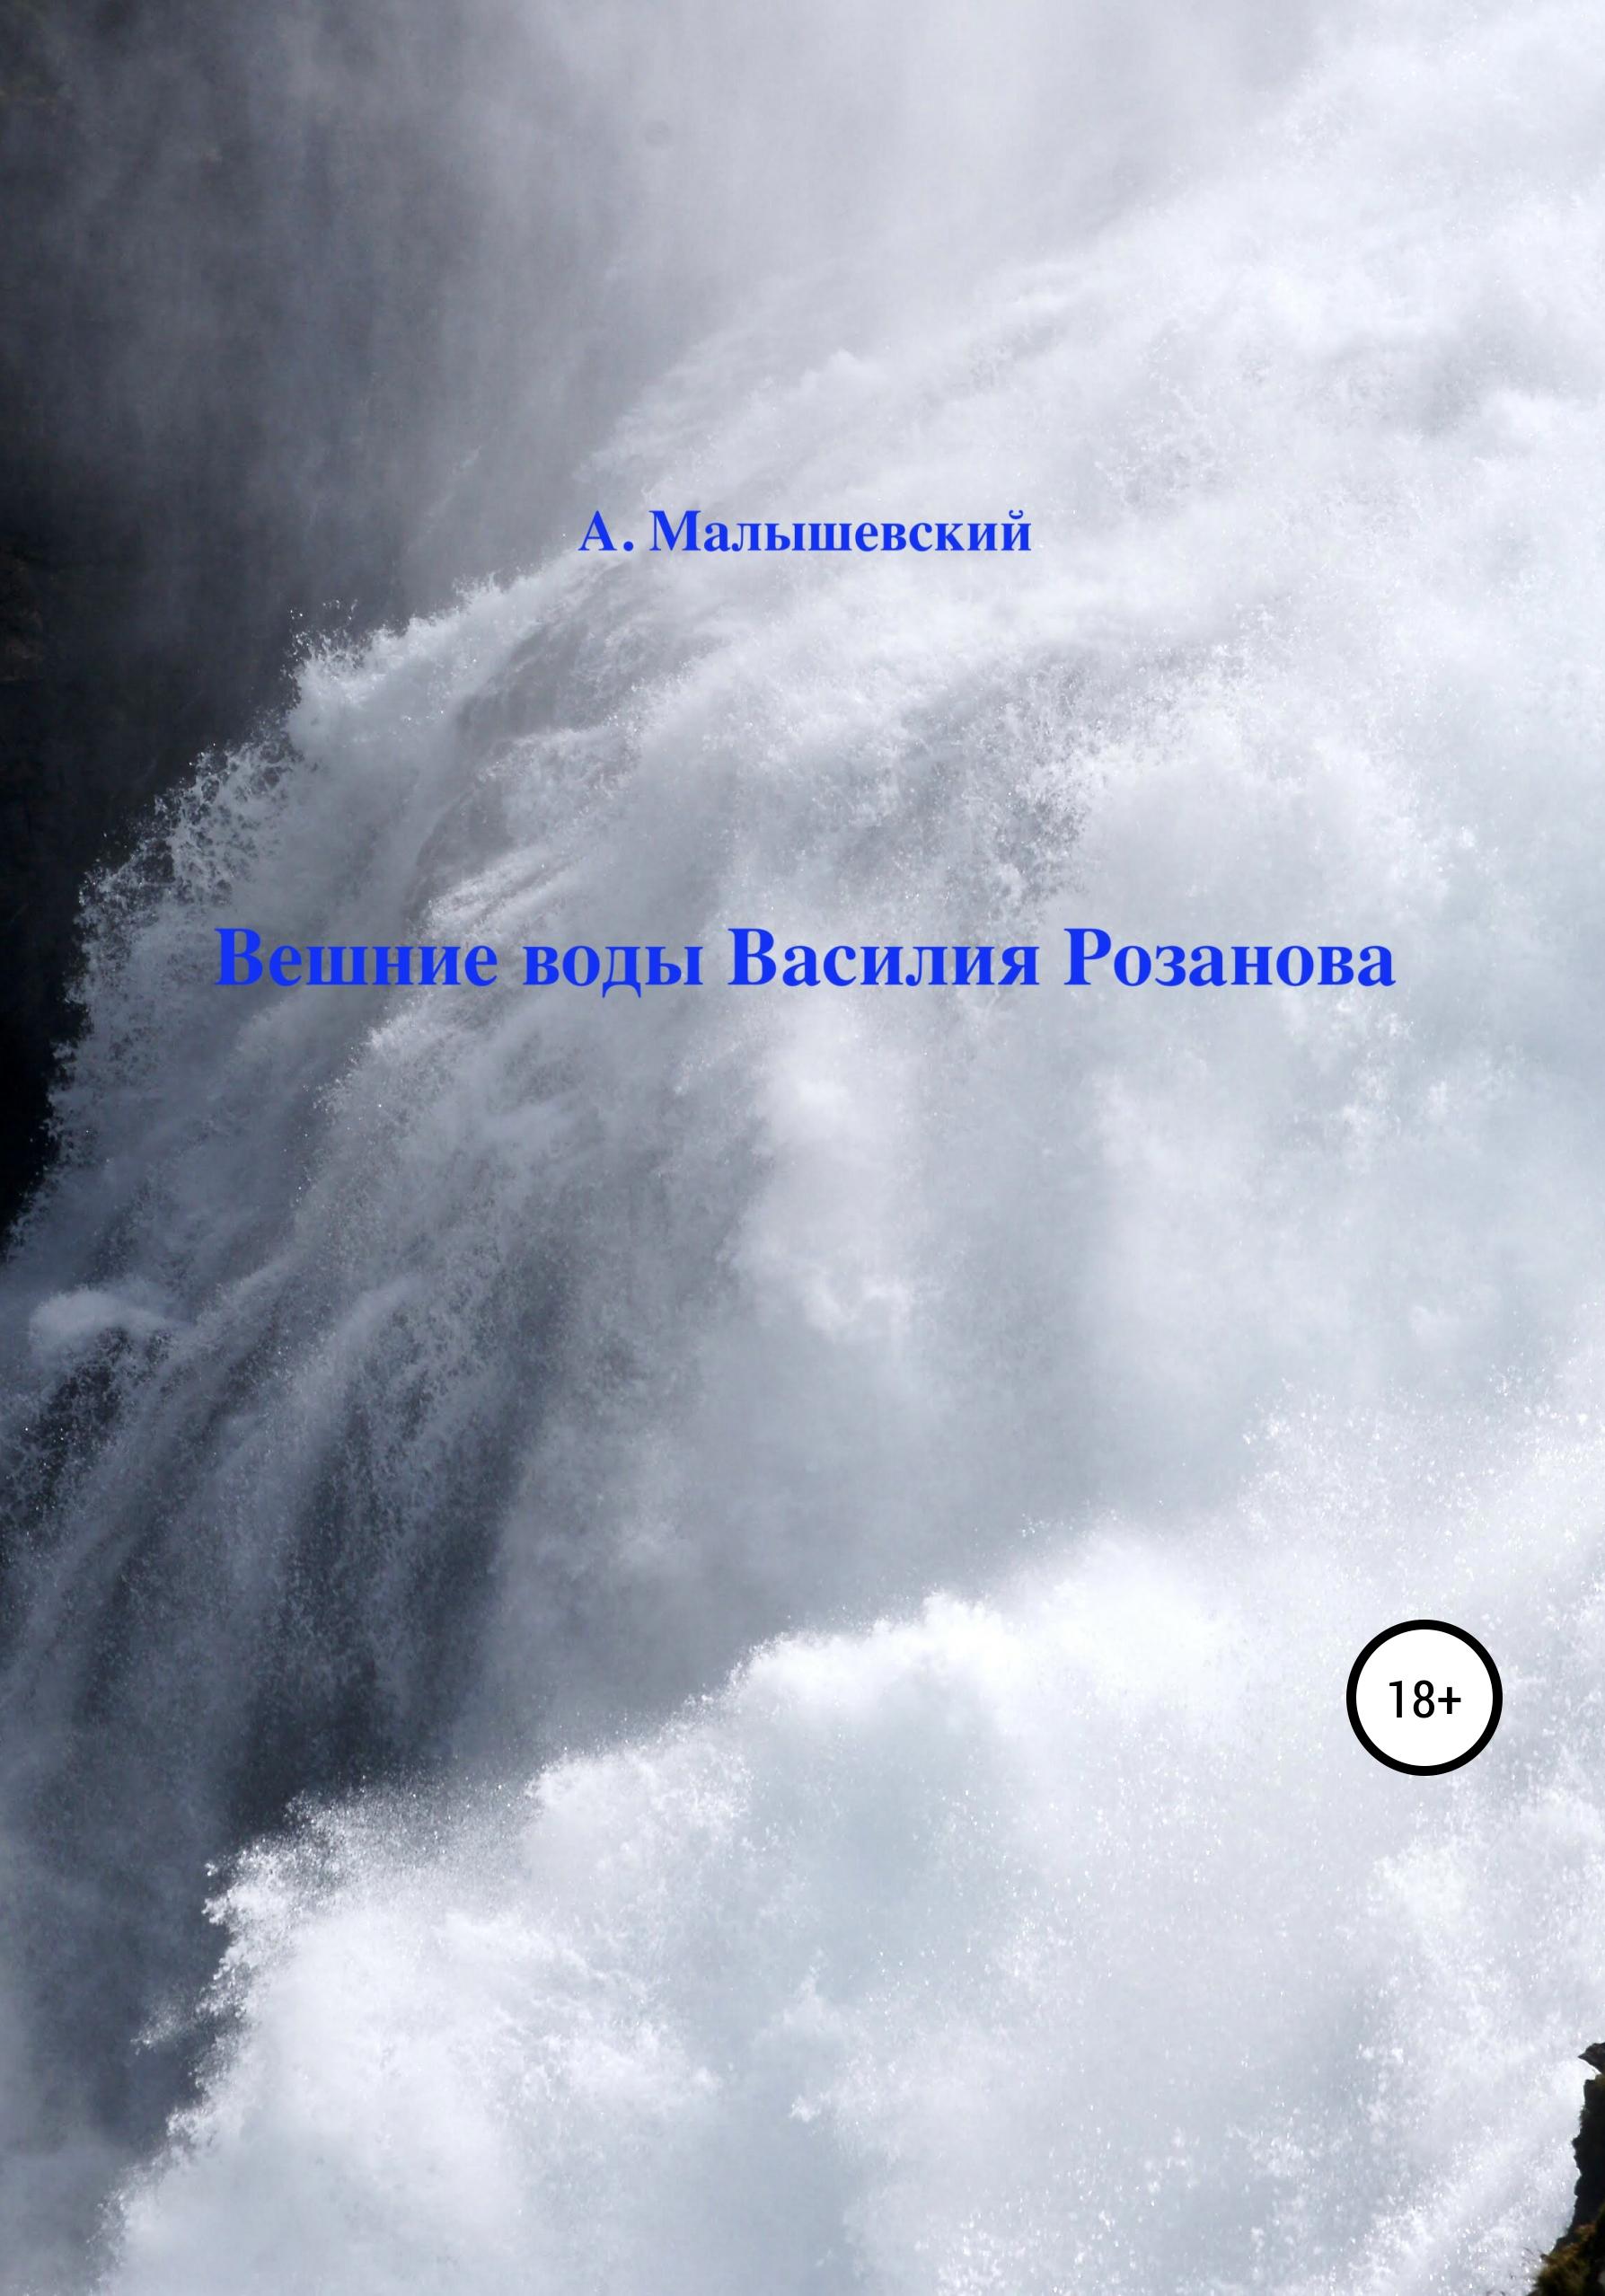 Вешние воды Василия Розанова